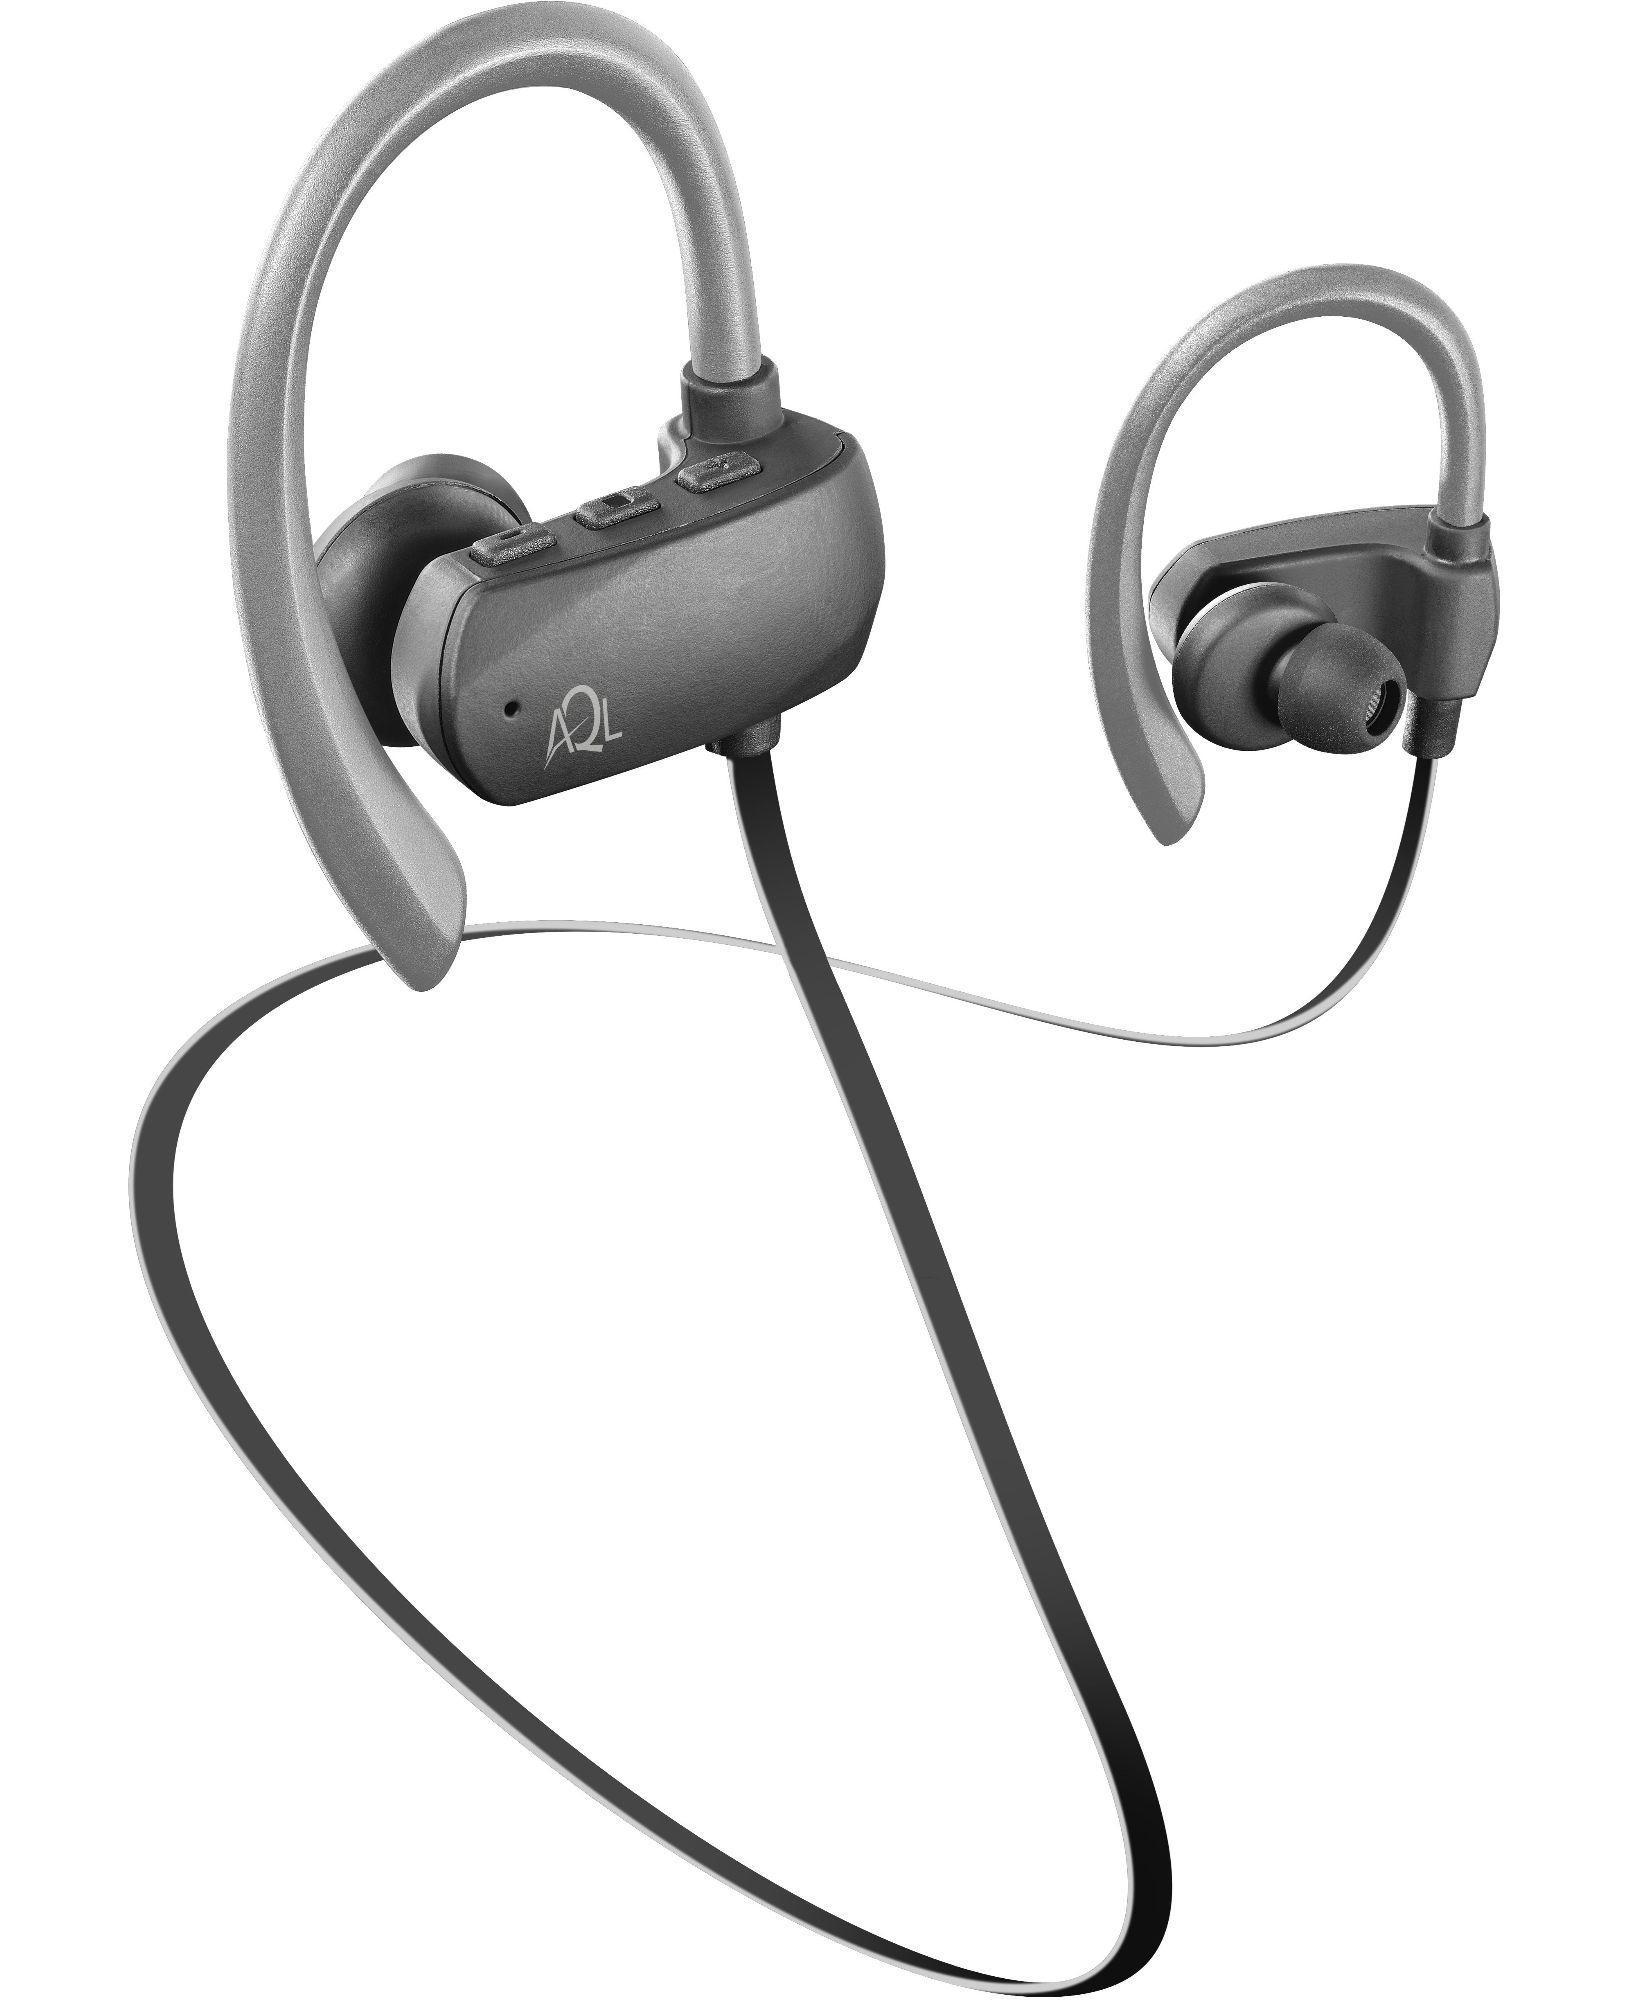 AQL Sport Bounce - Universale Auricolari stereo Bluetooth in-ear ultra stabili ideali per lo sport Grigio